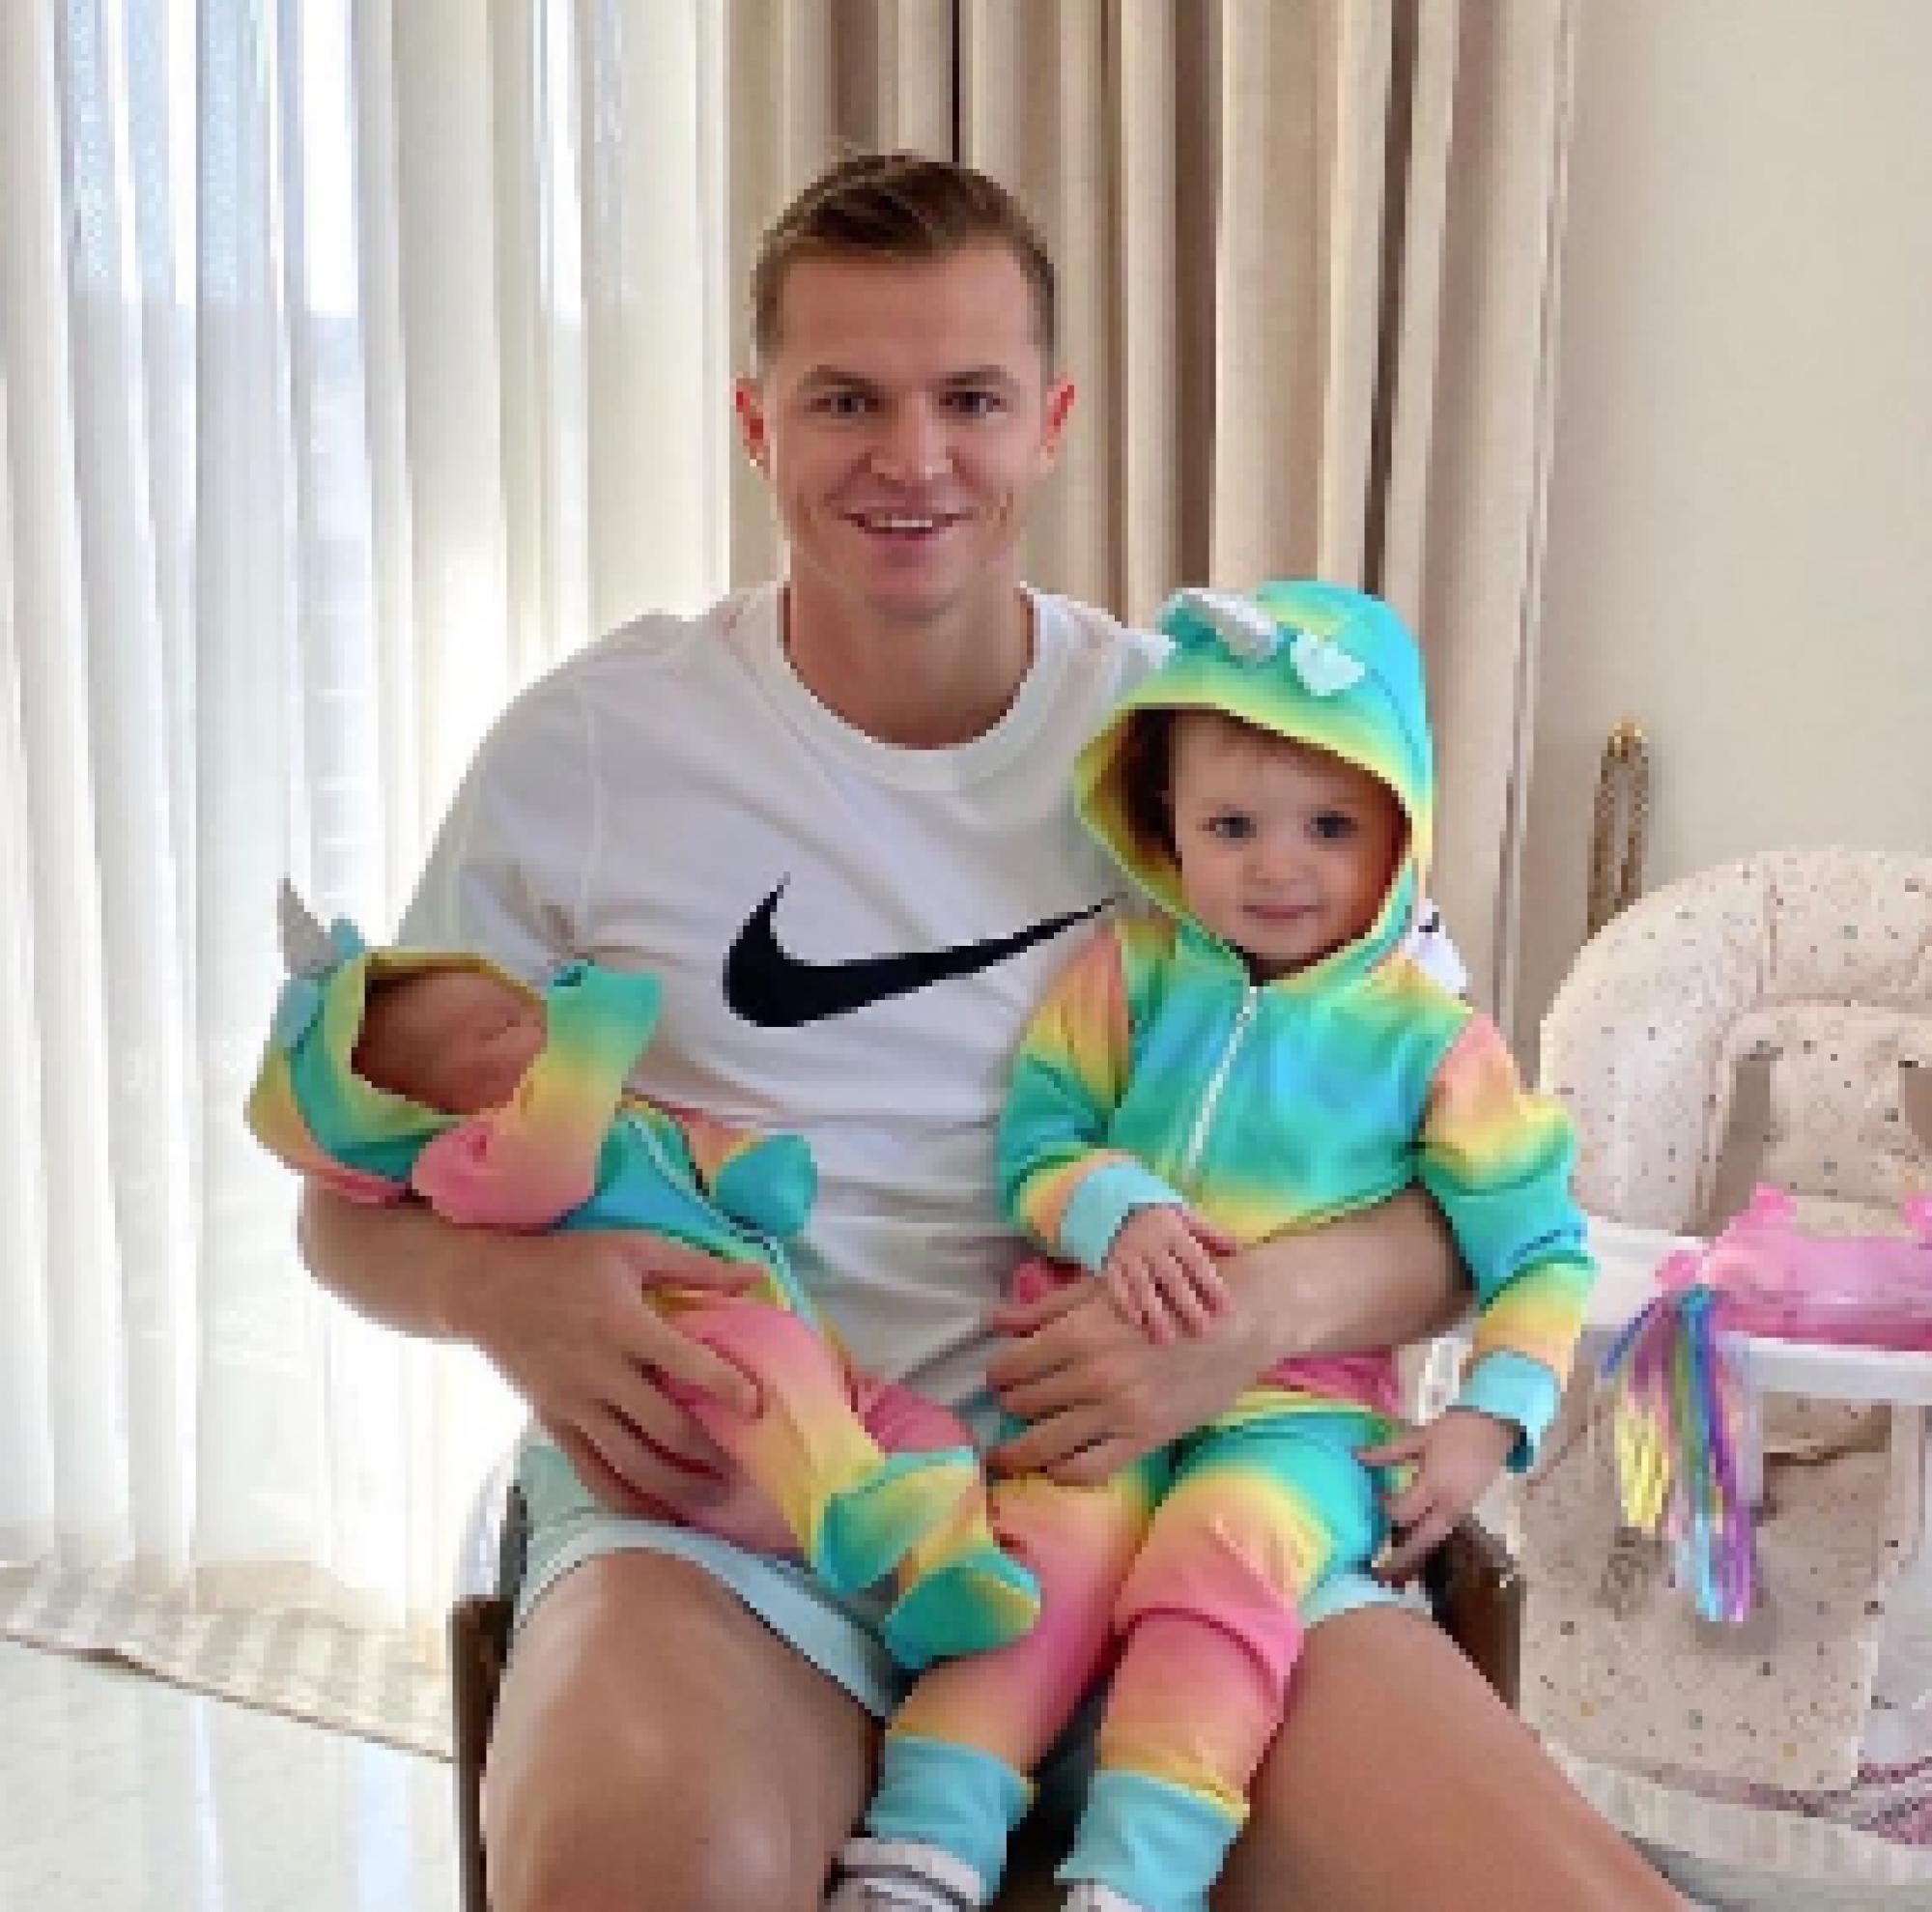 Дмитрий Тарасов высказался по поводу груди Ольги Бузовой